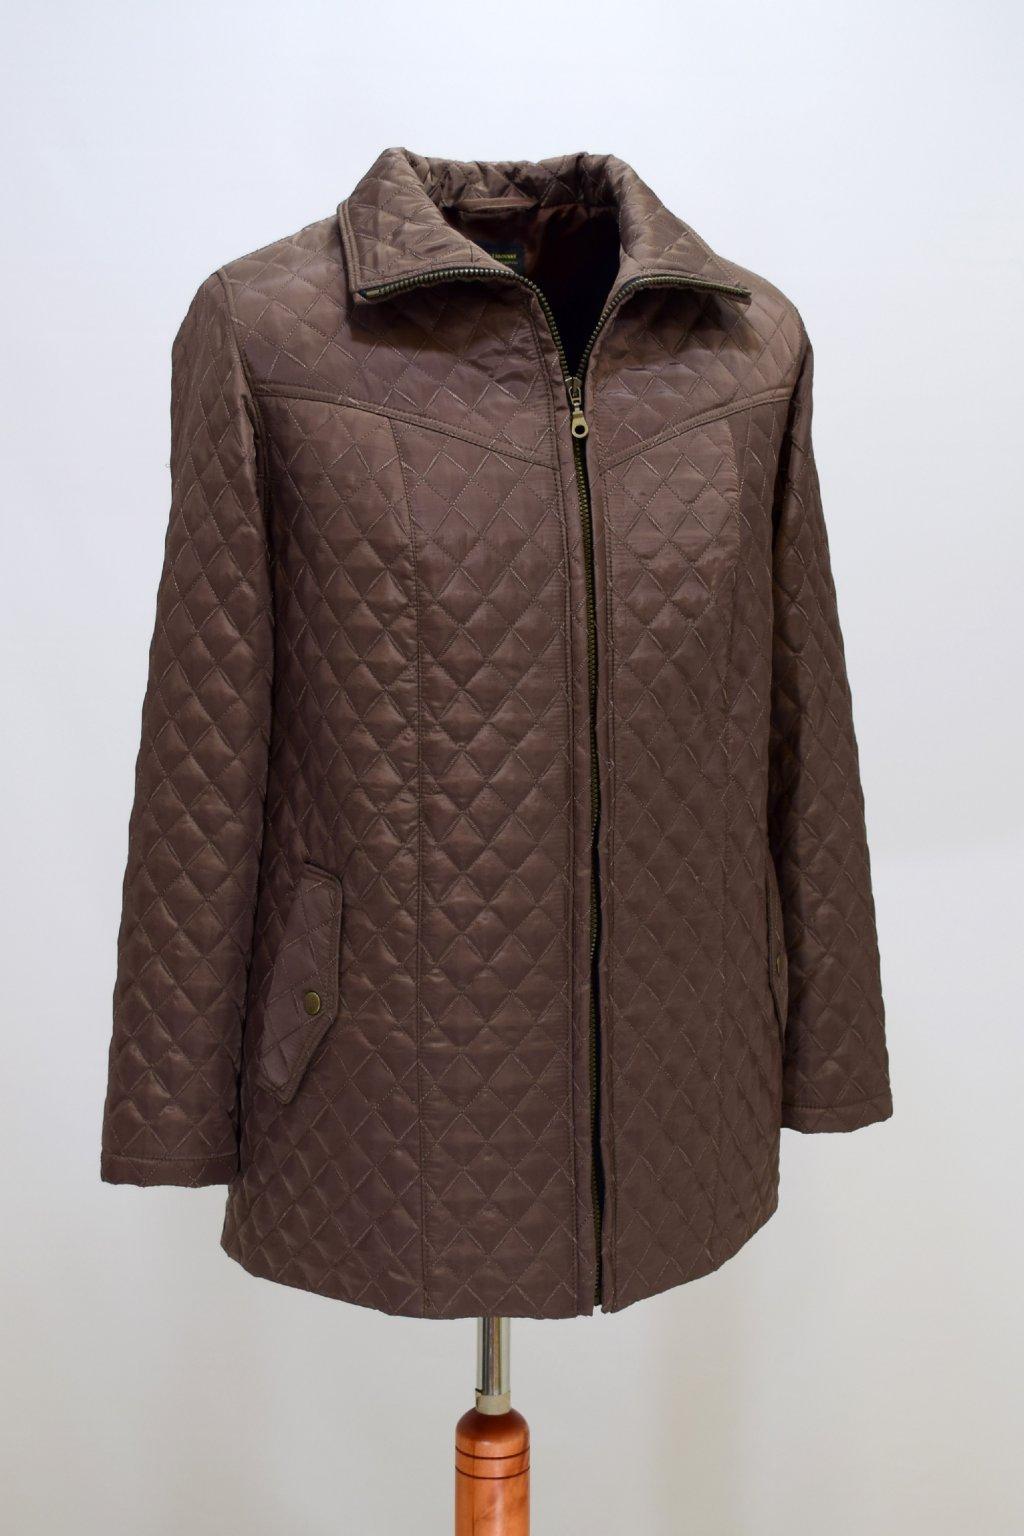 Dámská oříšková přechodová bunda Ilona nadměrné velikosti.